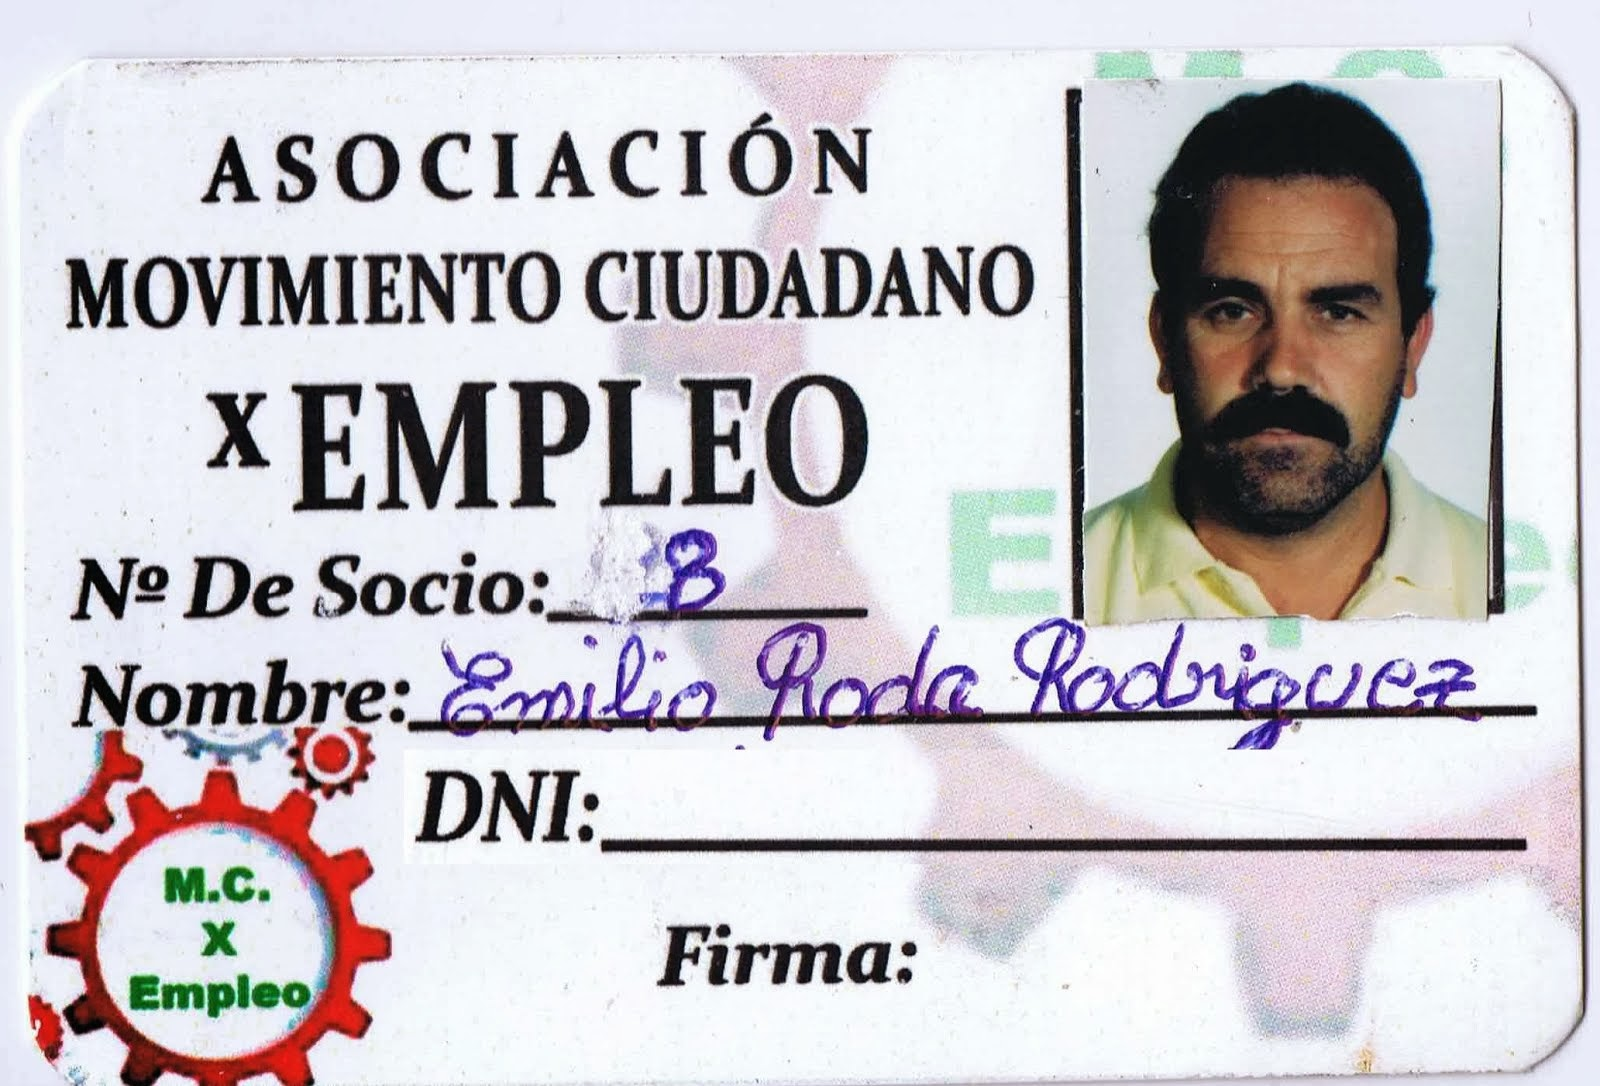 EMILIO RODA RODRIGEZ